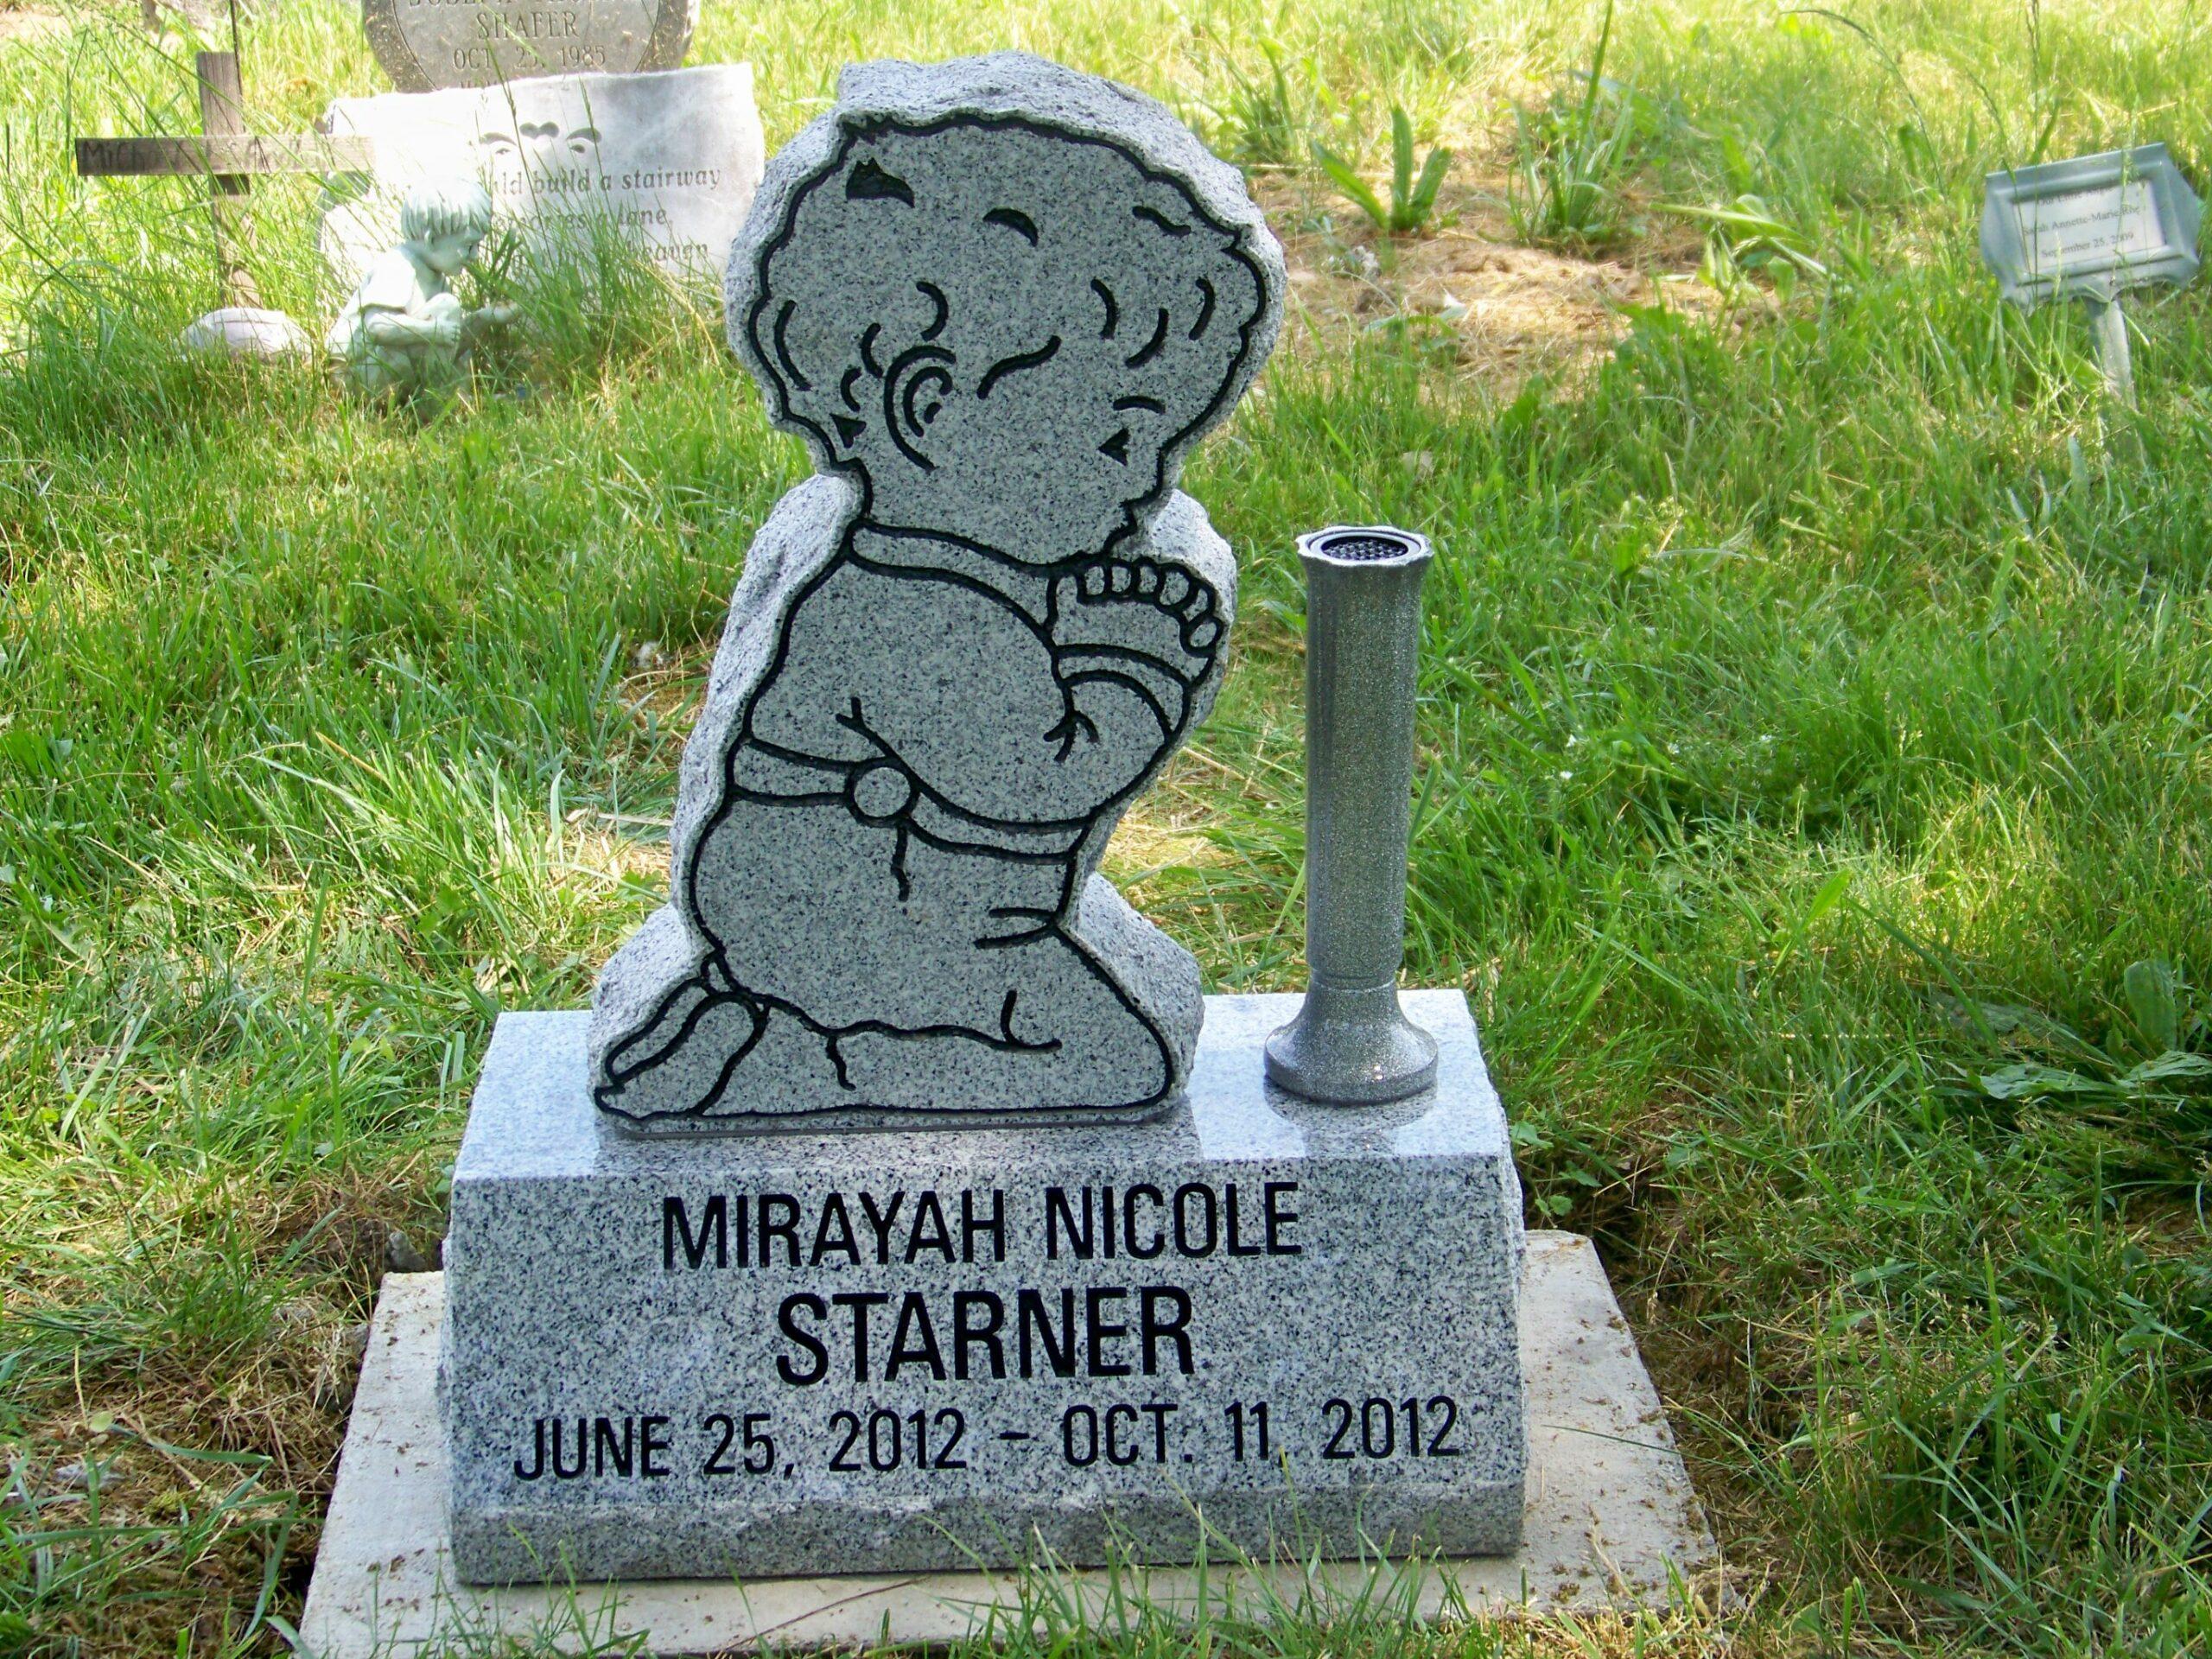 Starner, Mirayah Nicole